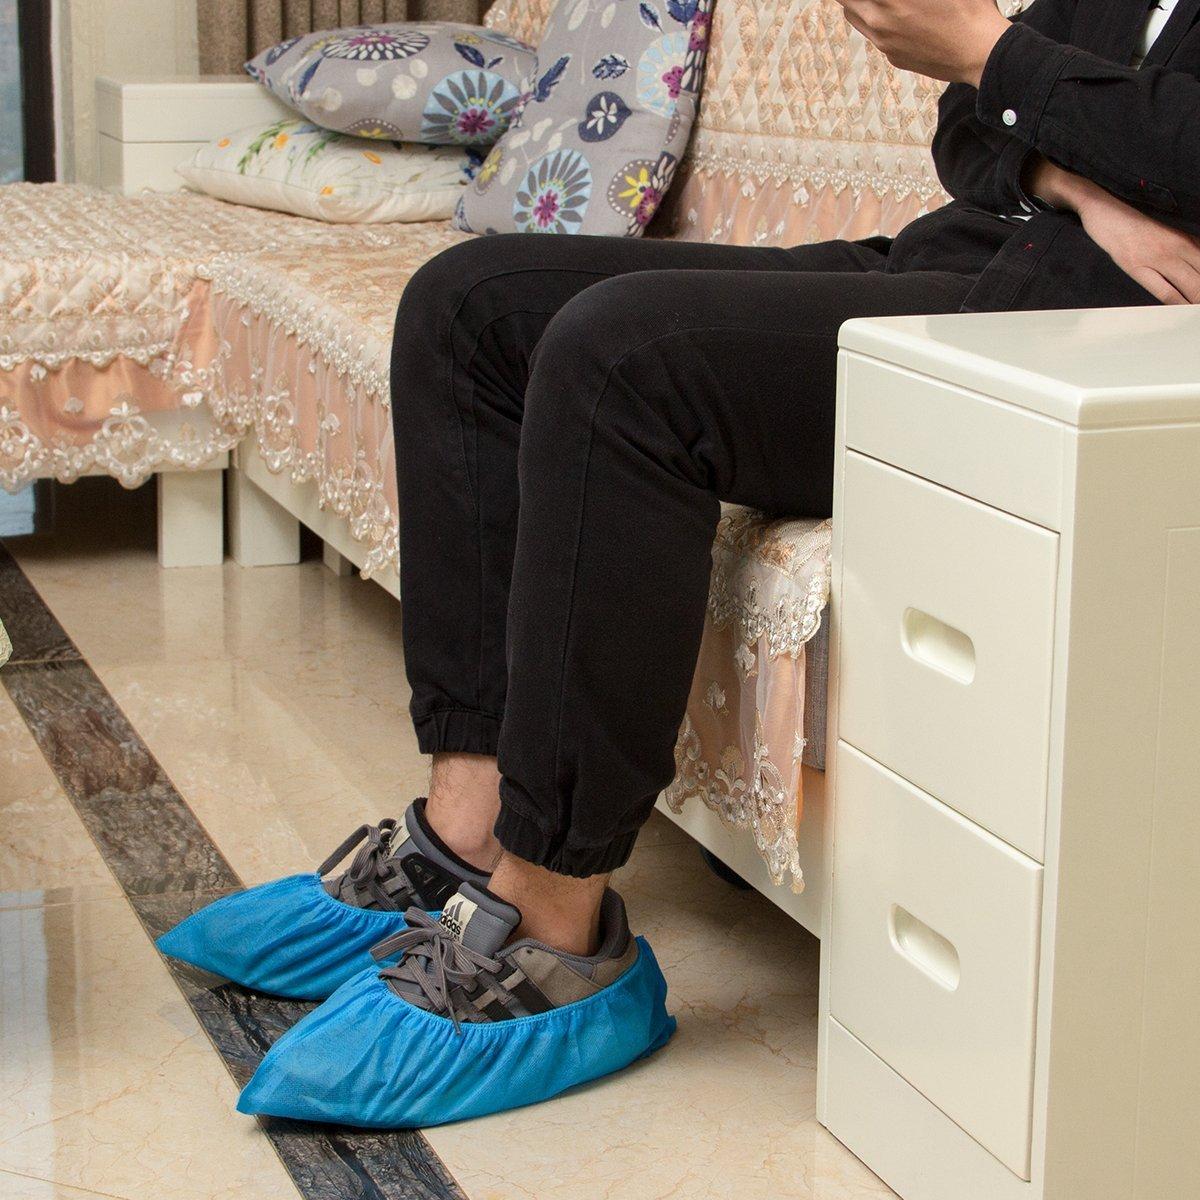 talla /única Cubrezapatos desechables protectores de zapatos reforzada antideslizante,duradera,resistente al agua,100 unidades,azul